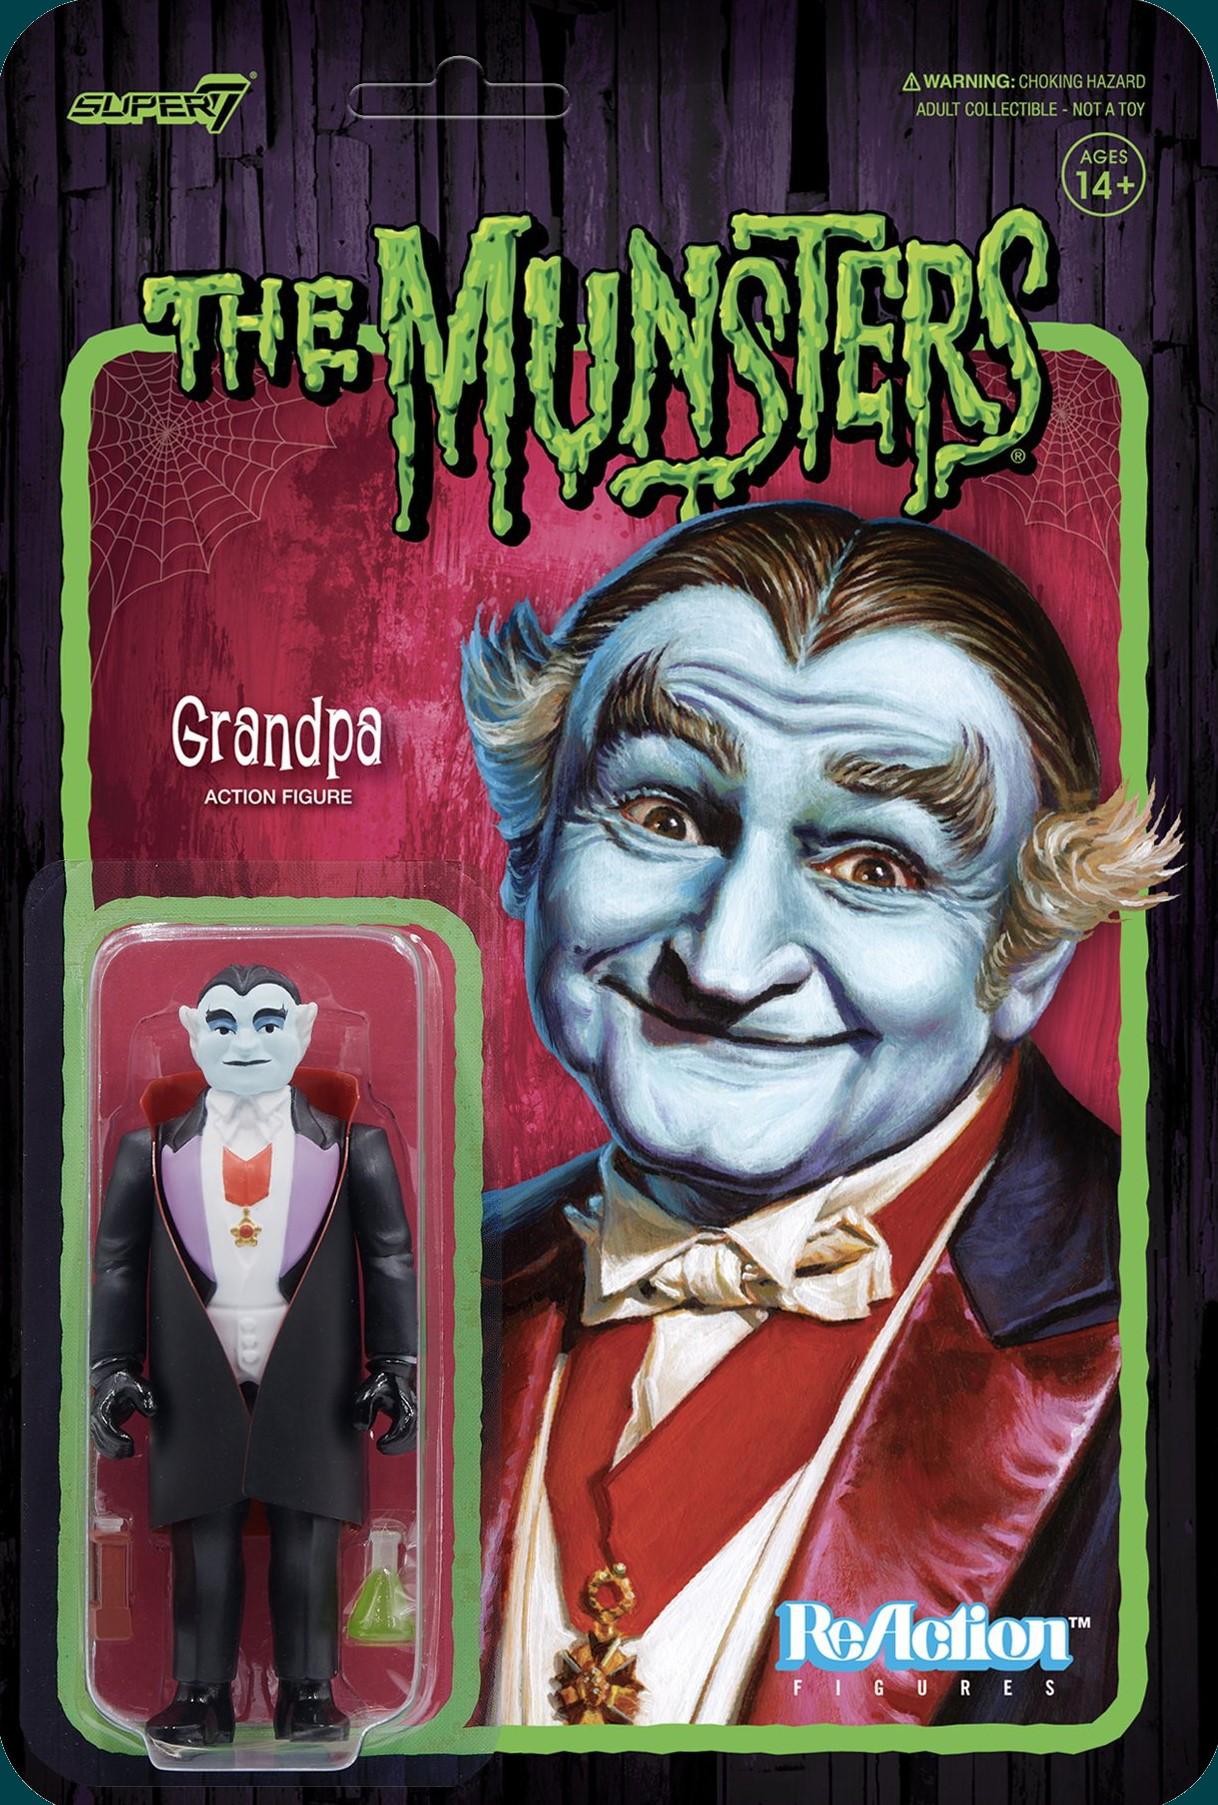 RE-Munsters_Grandpa_card_2048_2048x2048